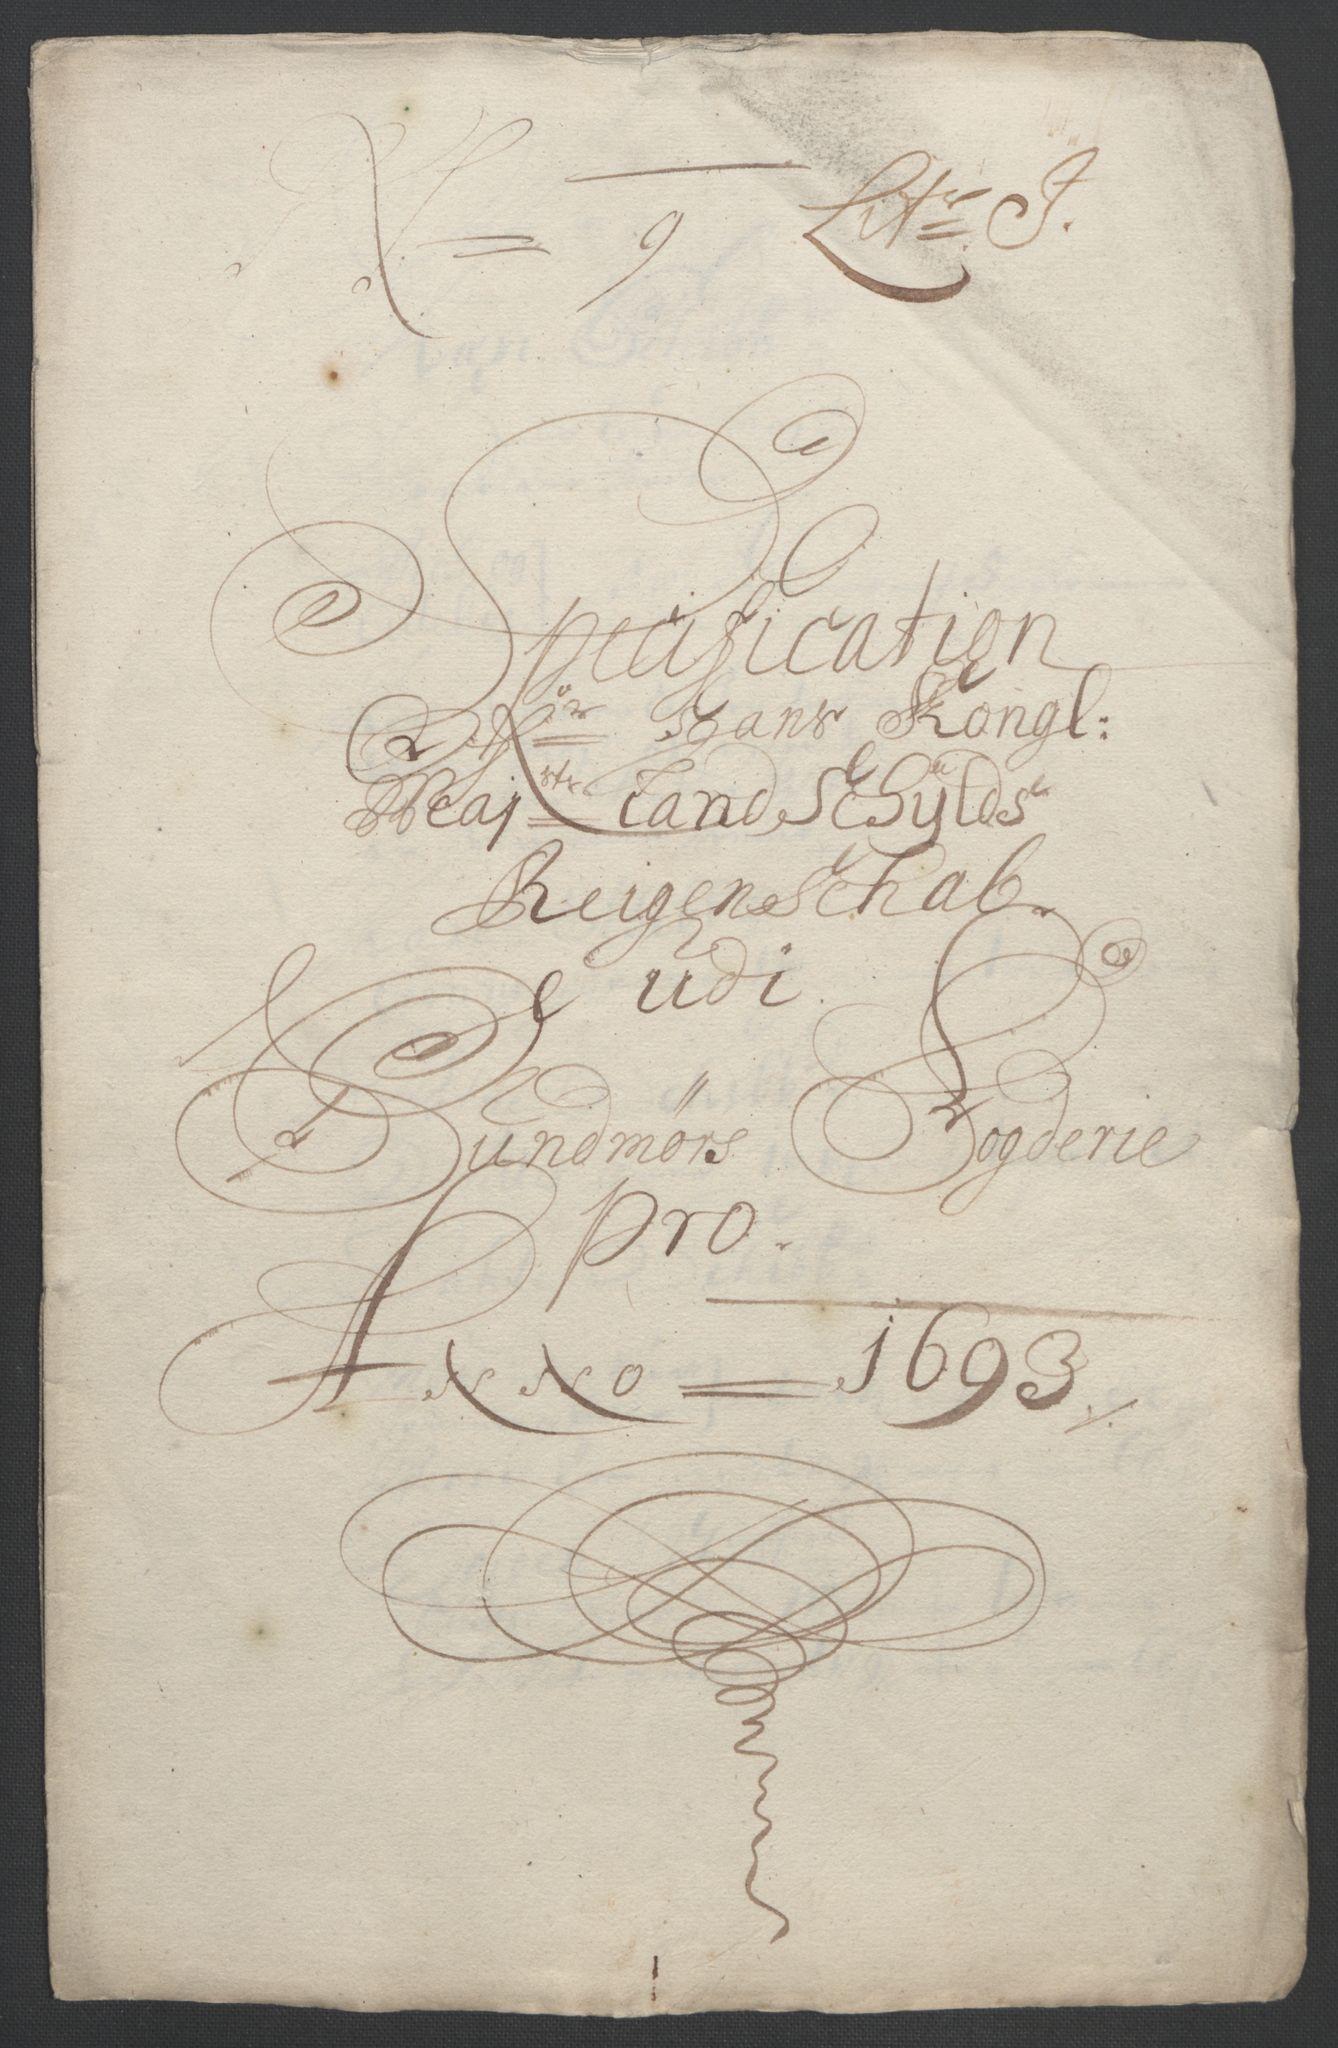 RA, Rentekammeret inntil 1814, Reviderte regnskaper, Fogderegnskap, R54/L3554: Fogderegnskap Sunnmøre, 1691-1693, s. 517